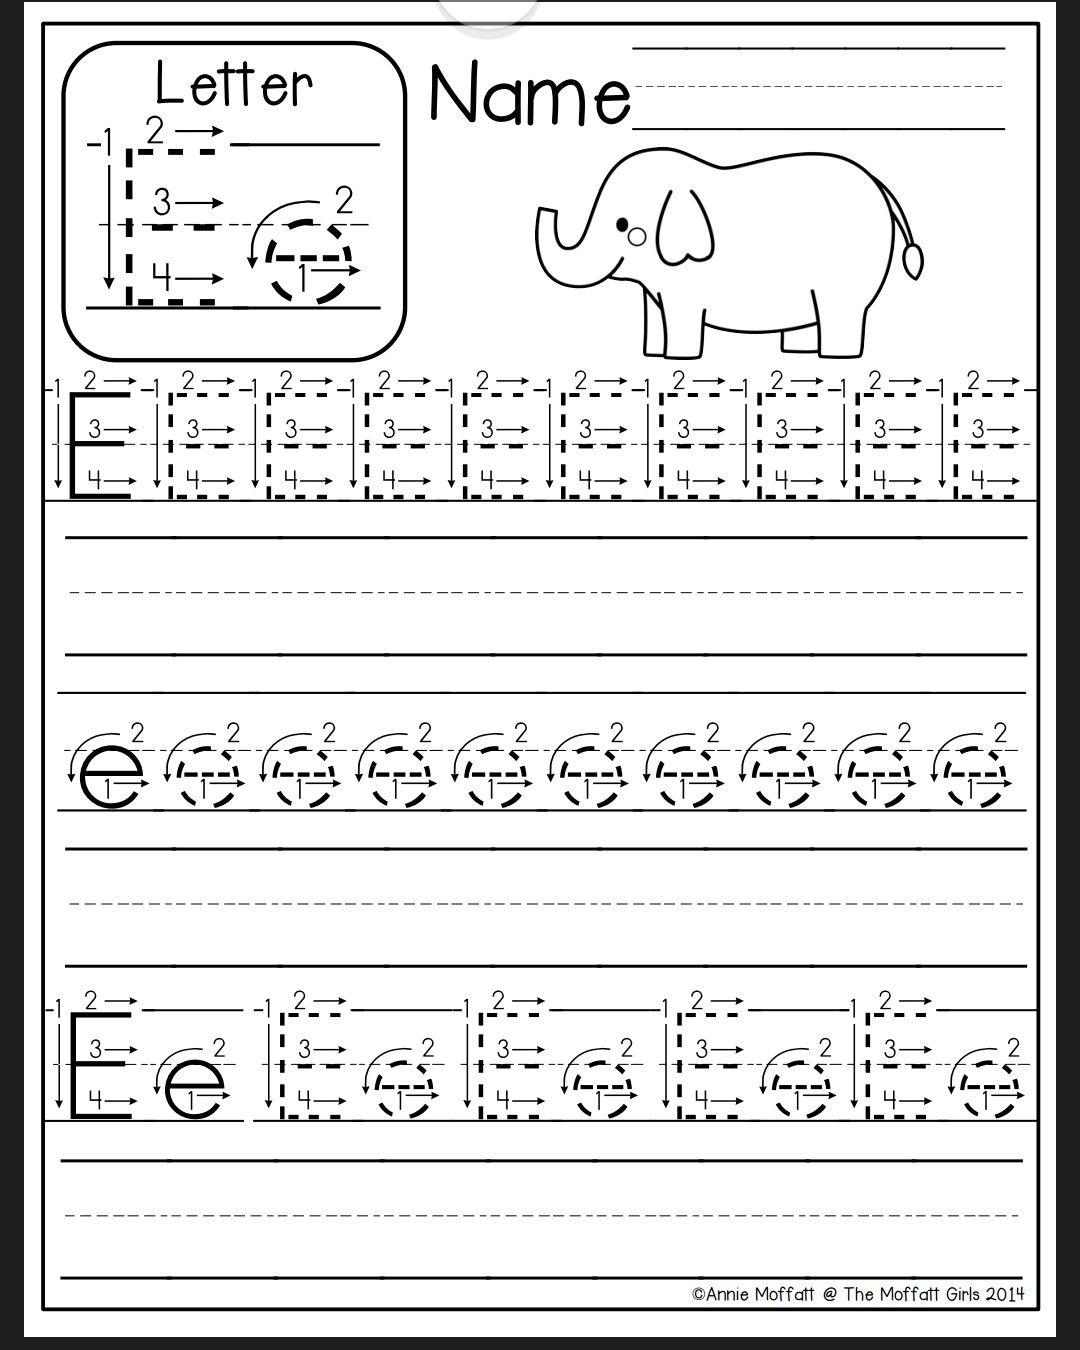 Letter E Worksheet Alphabet Writing Practice Alphabet Worksheets Kindergarten Kindergarten Worksheets